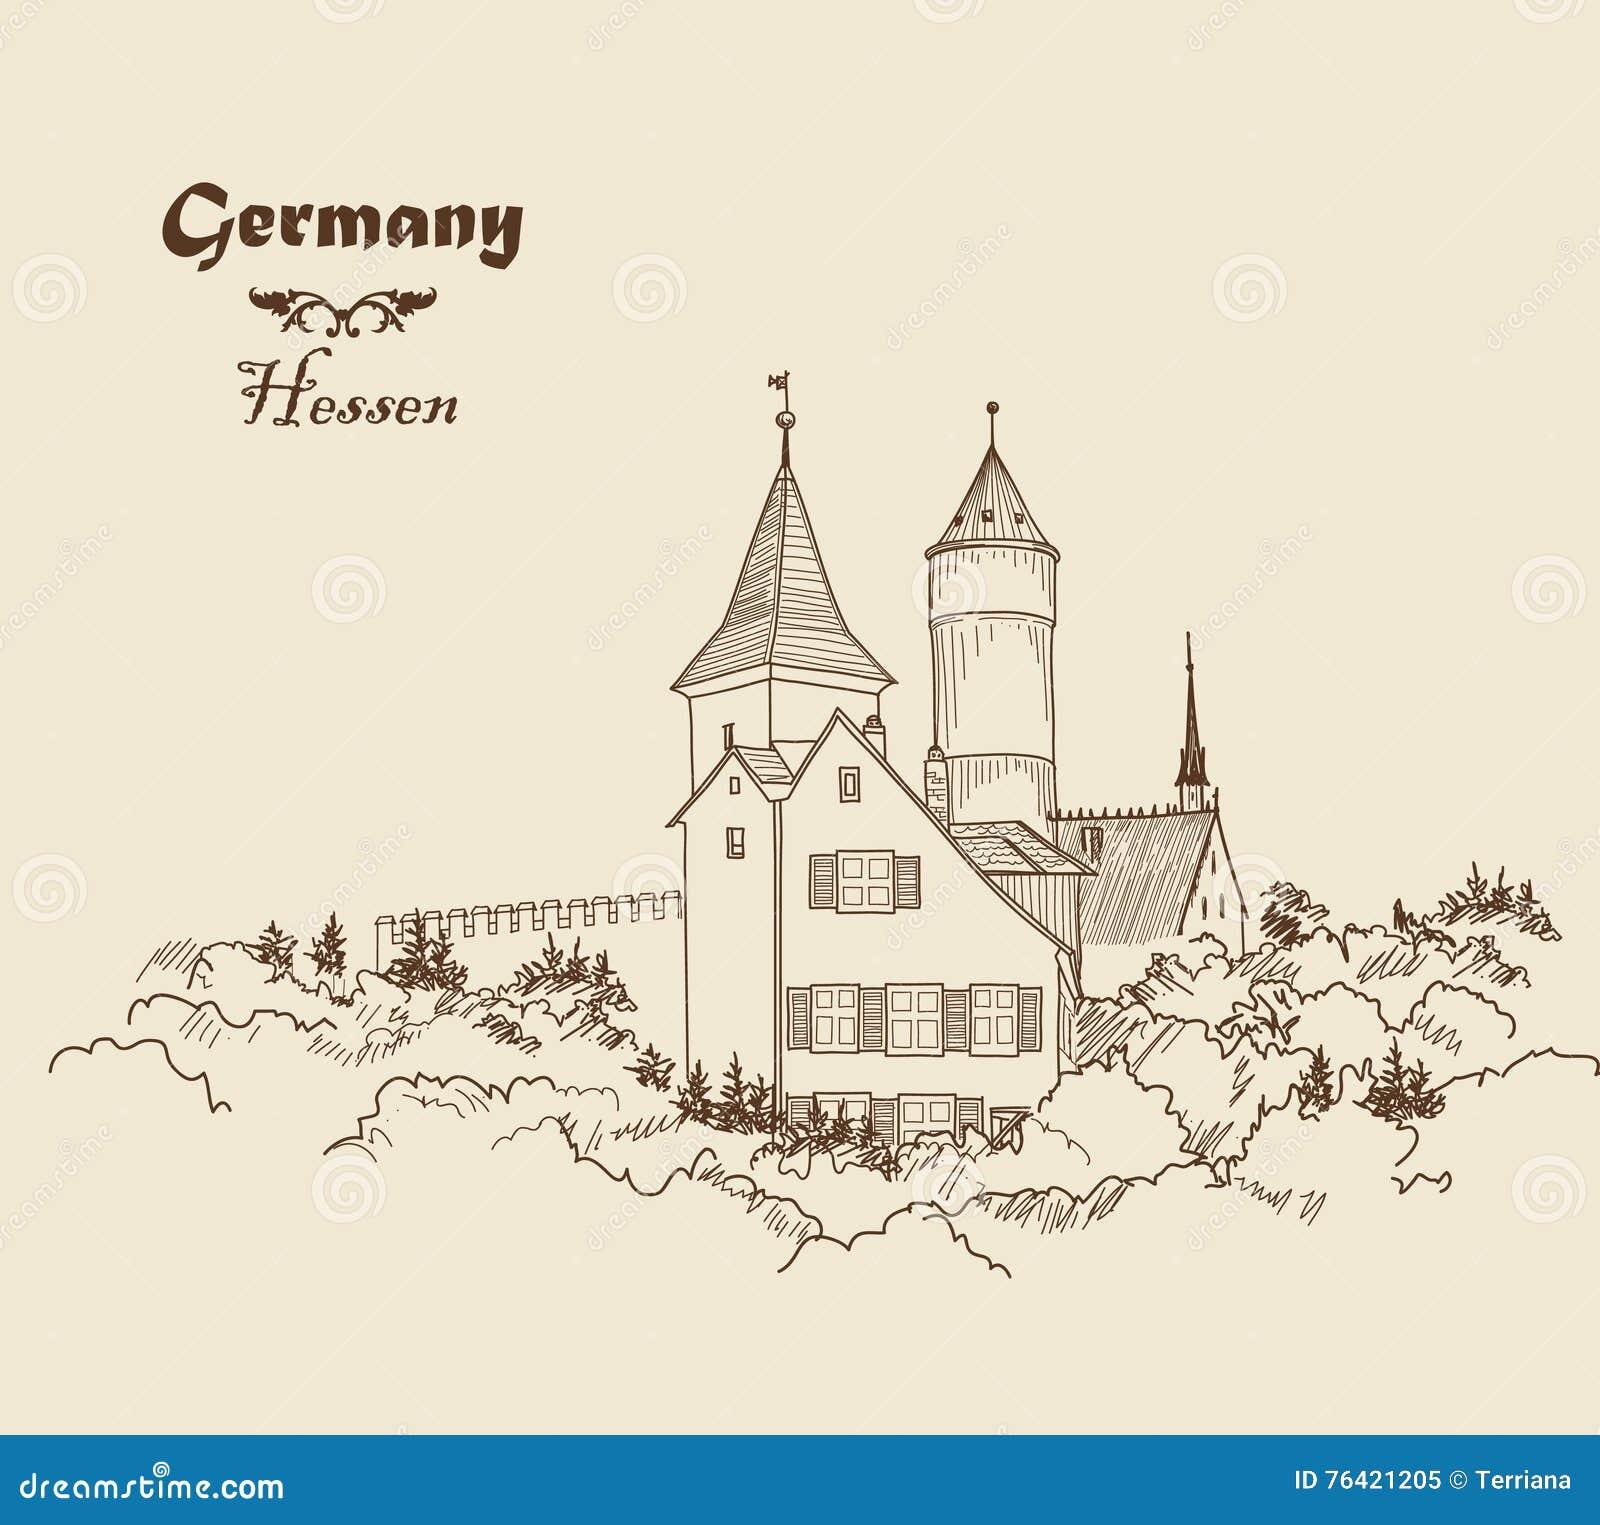 Me val European Castle Landscape Pencil Drawn Sketch Ancient